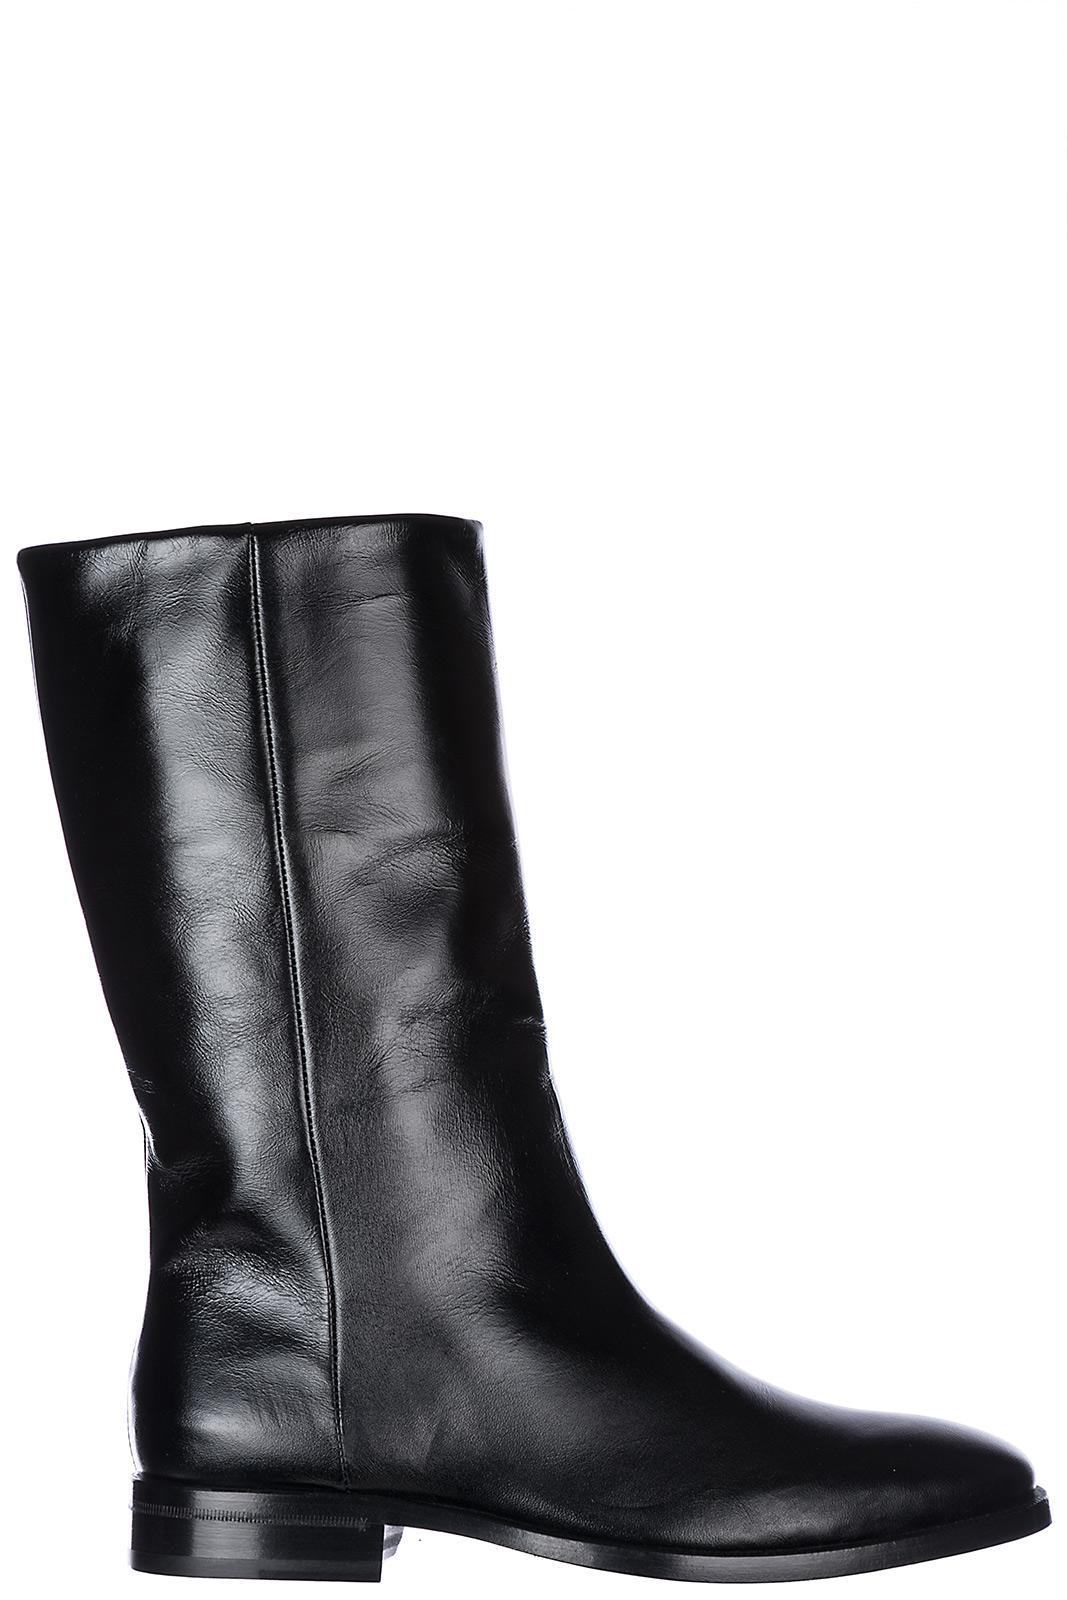 Saint Laurent Women's Leather Heel Ankle Boots Booties In Black